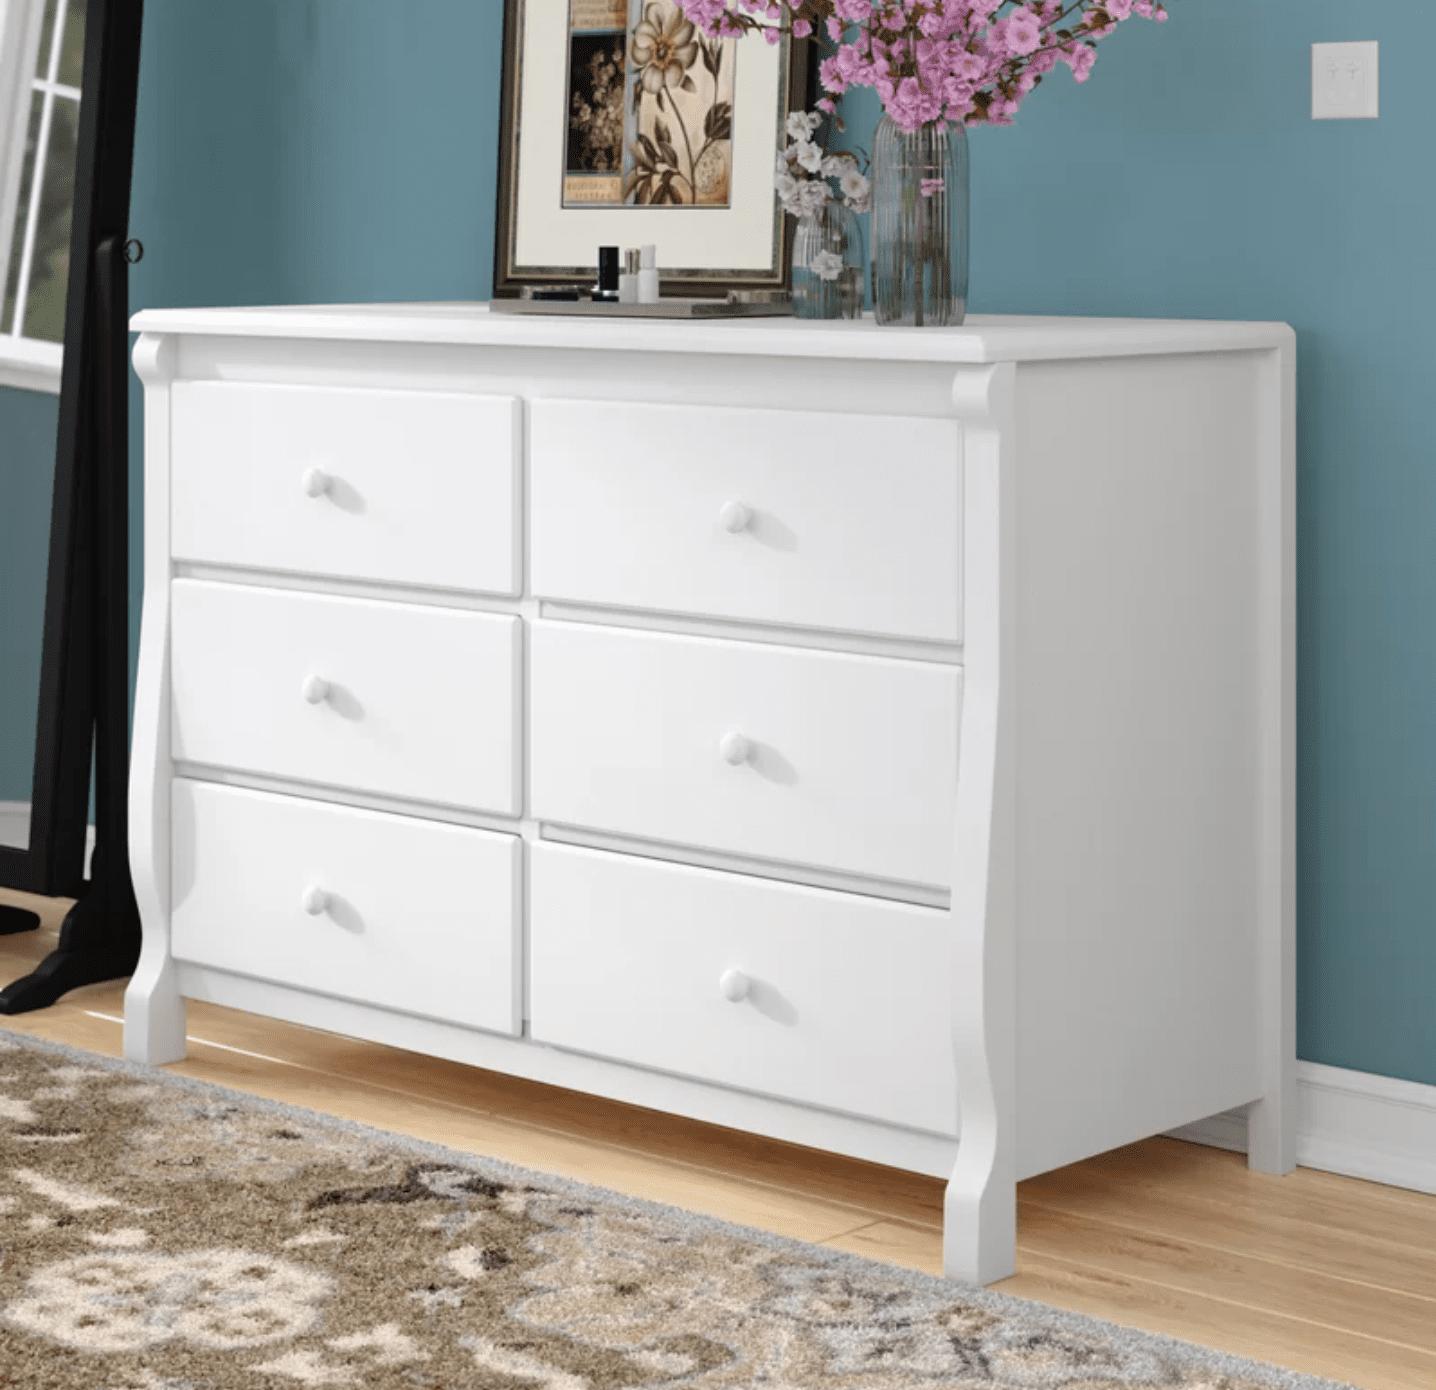 Delta Children Universal 6 Drawer Double Dresser